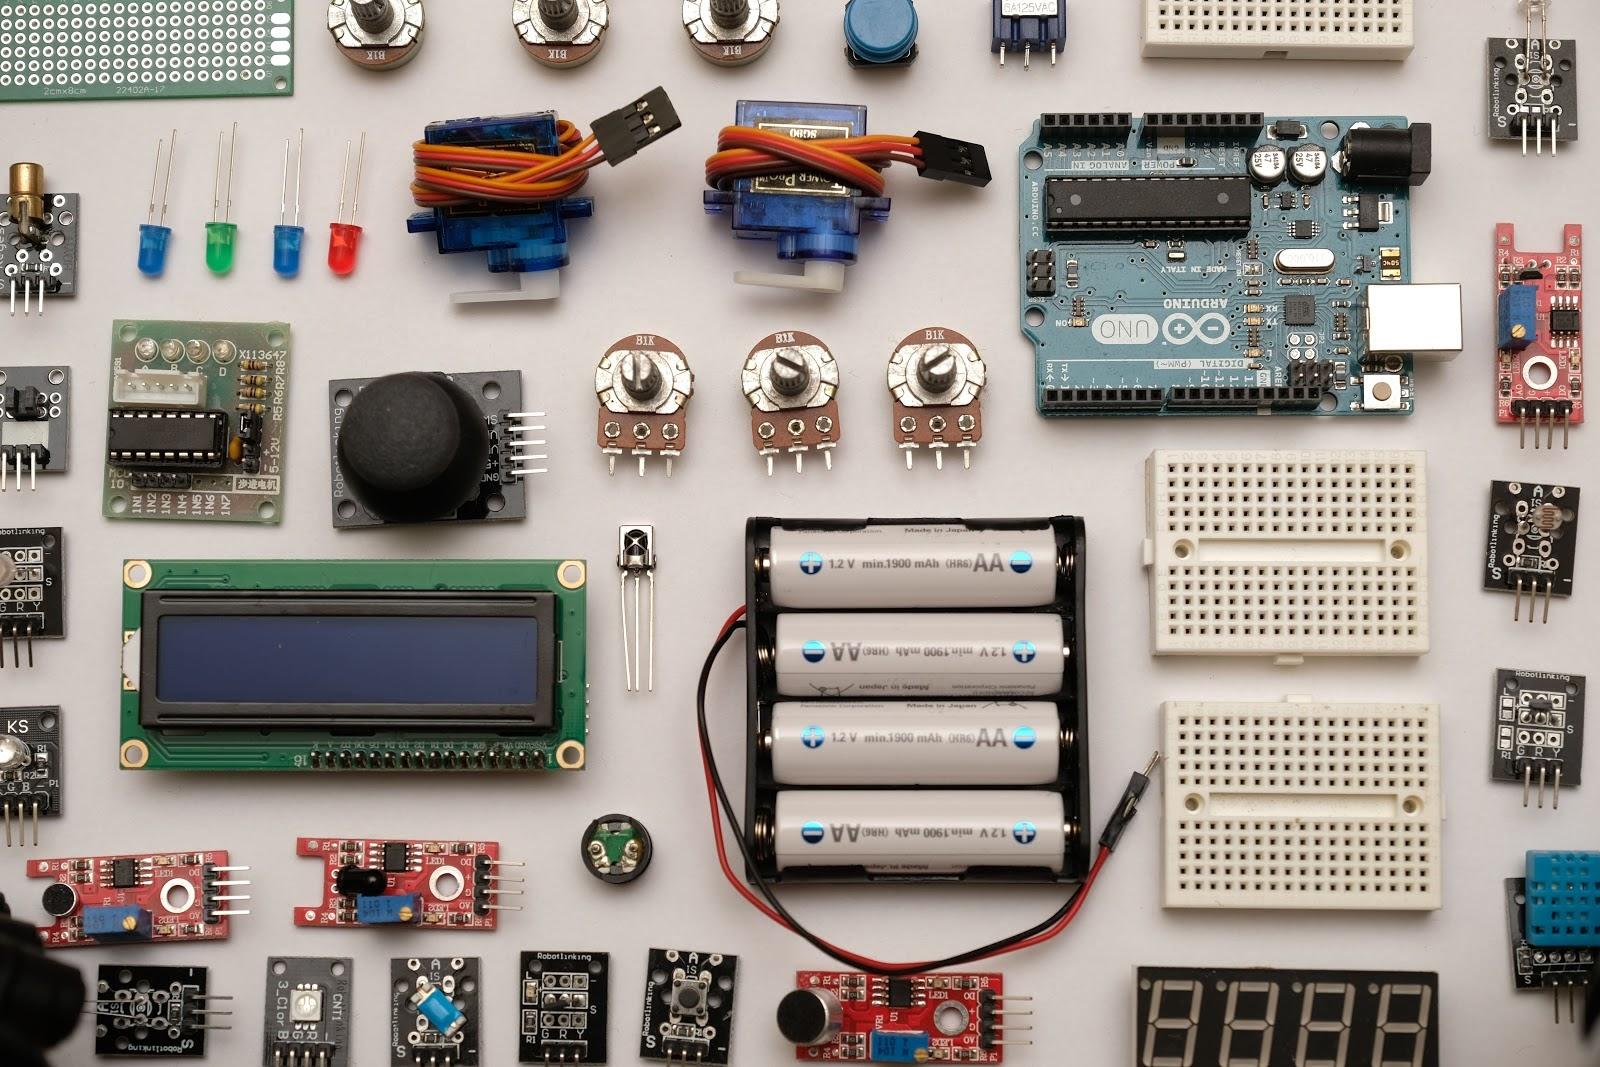 Composants électroniques d'un appareil électrique démonté posés sur un fond blanc